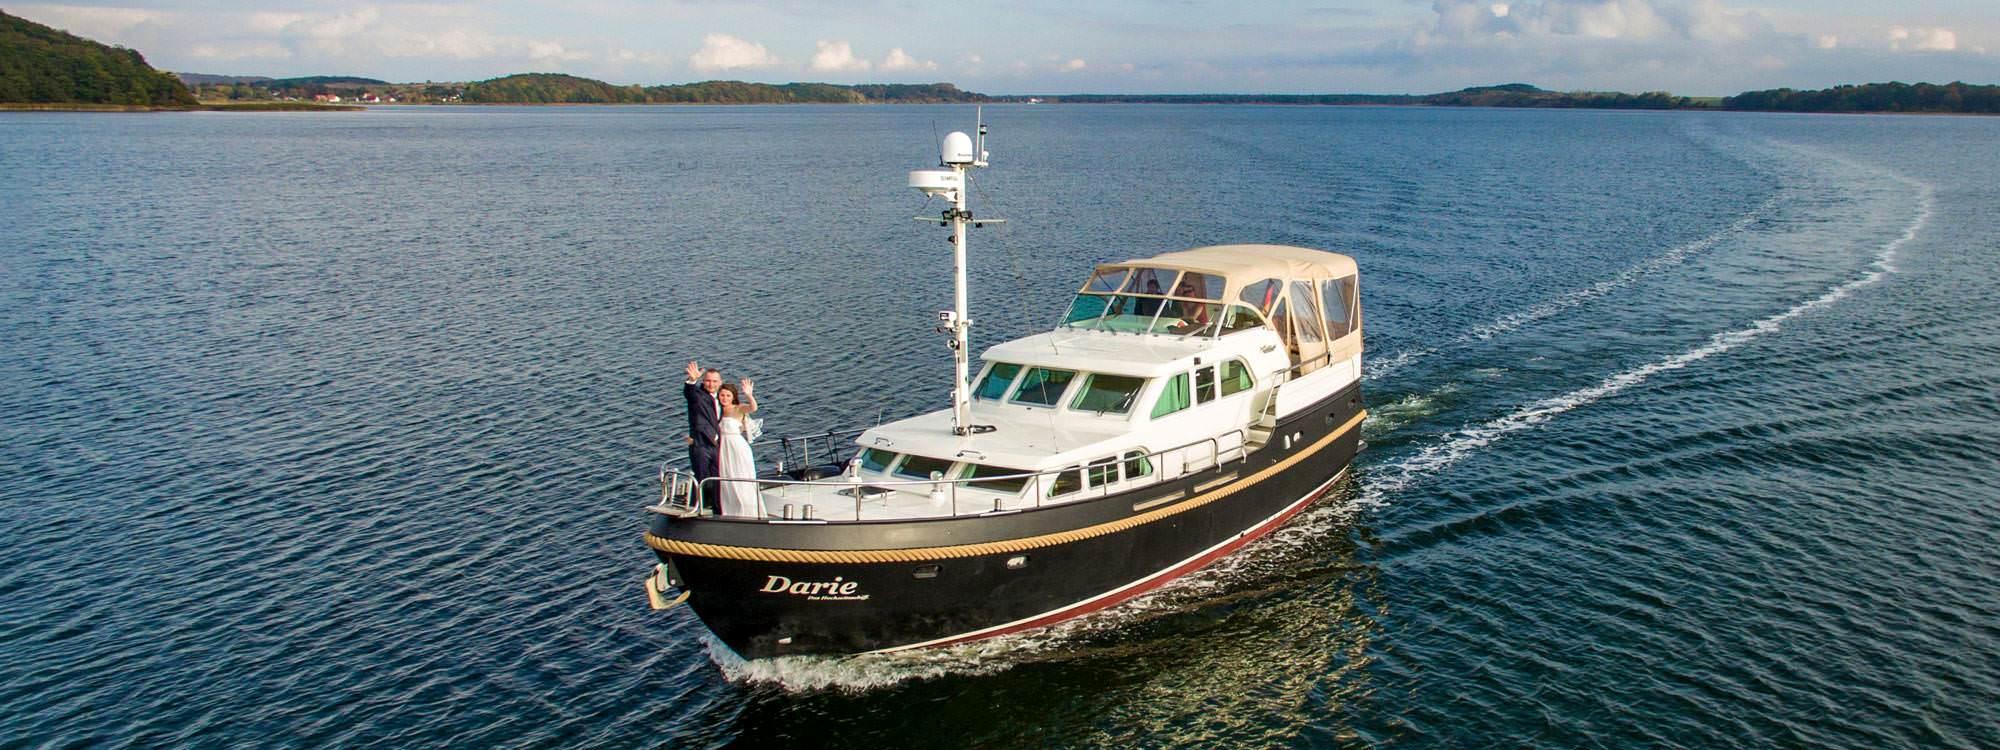 hochzeitsschiff darie sellin auf ruegen slider   Hochzeitsportal Rügen